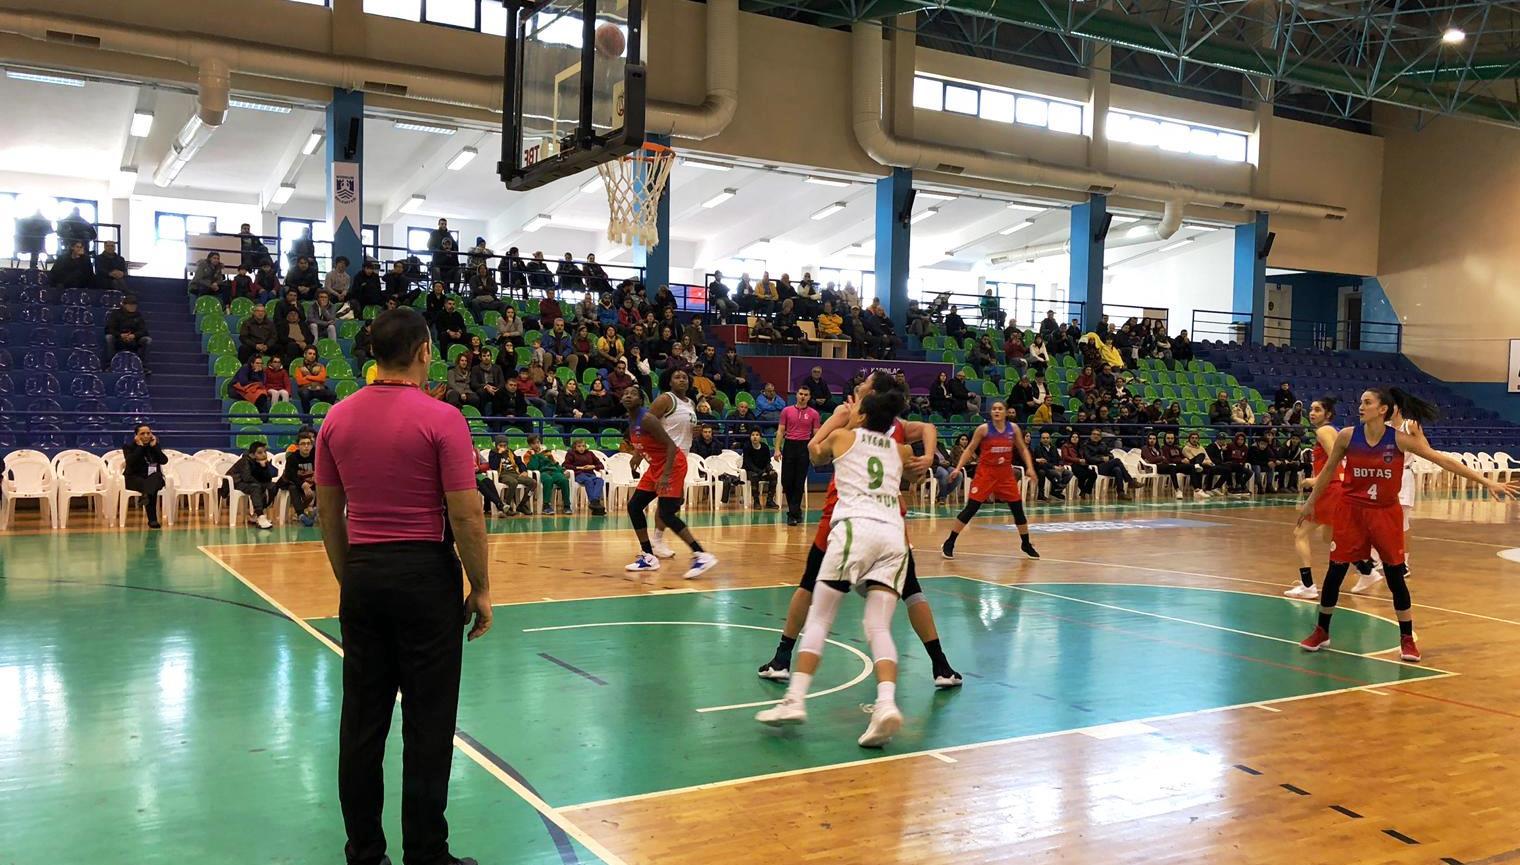 bodrum basketbol SÜPER LİGİN İLK YARISINI GALİBİYET YÜZÜ GÖRMEDEN KAPATTIK… kircicegi bodrum basket botas 1